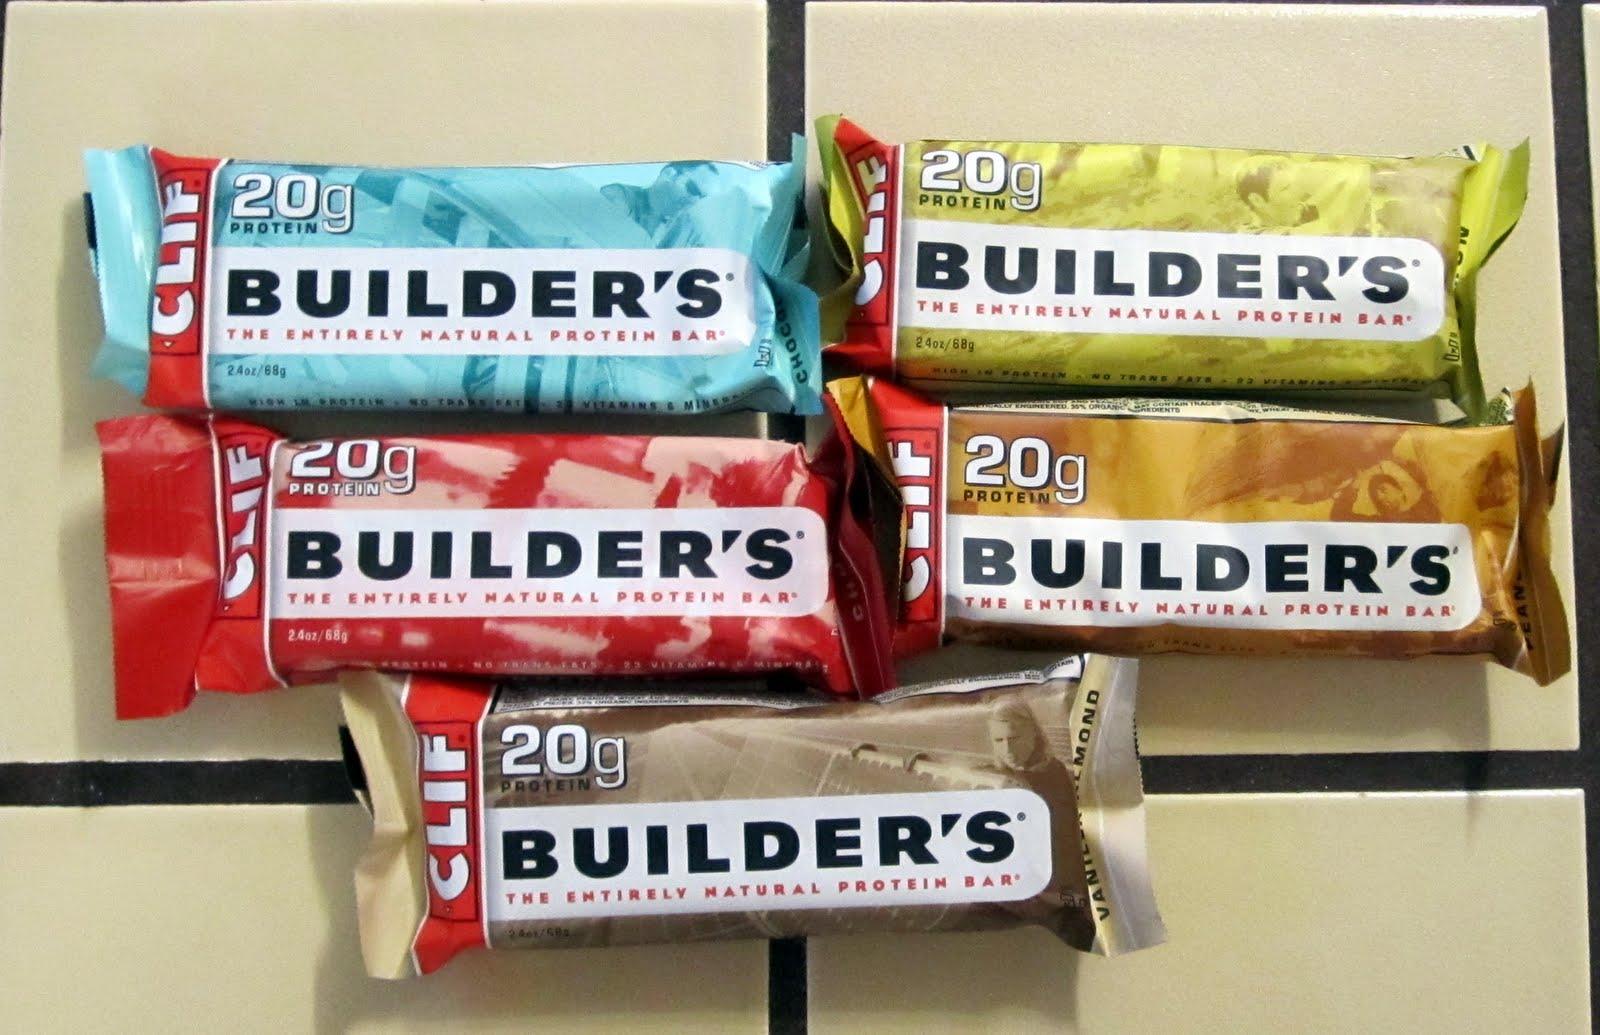 Clif Builder Protein Bar Label